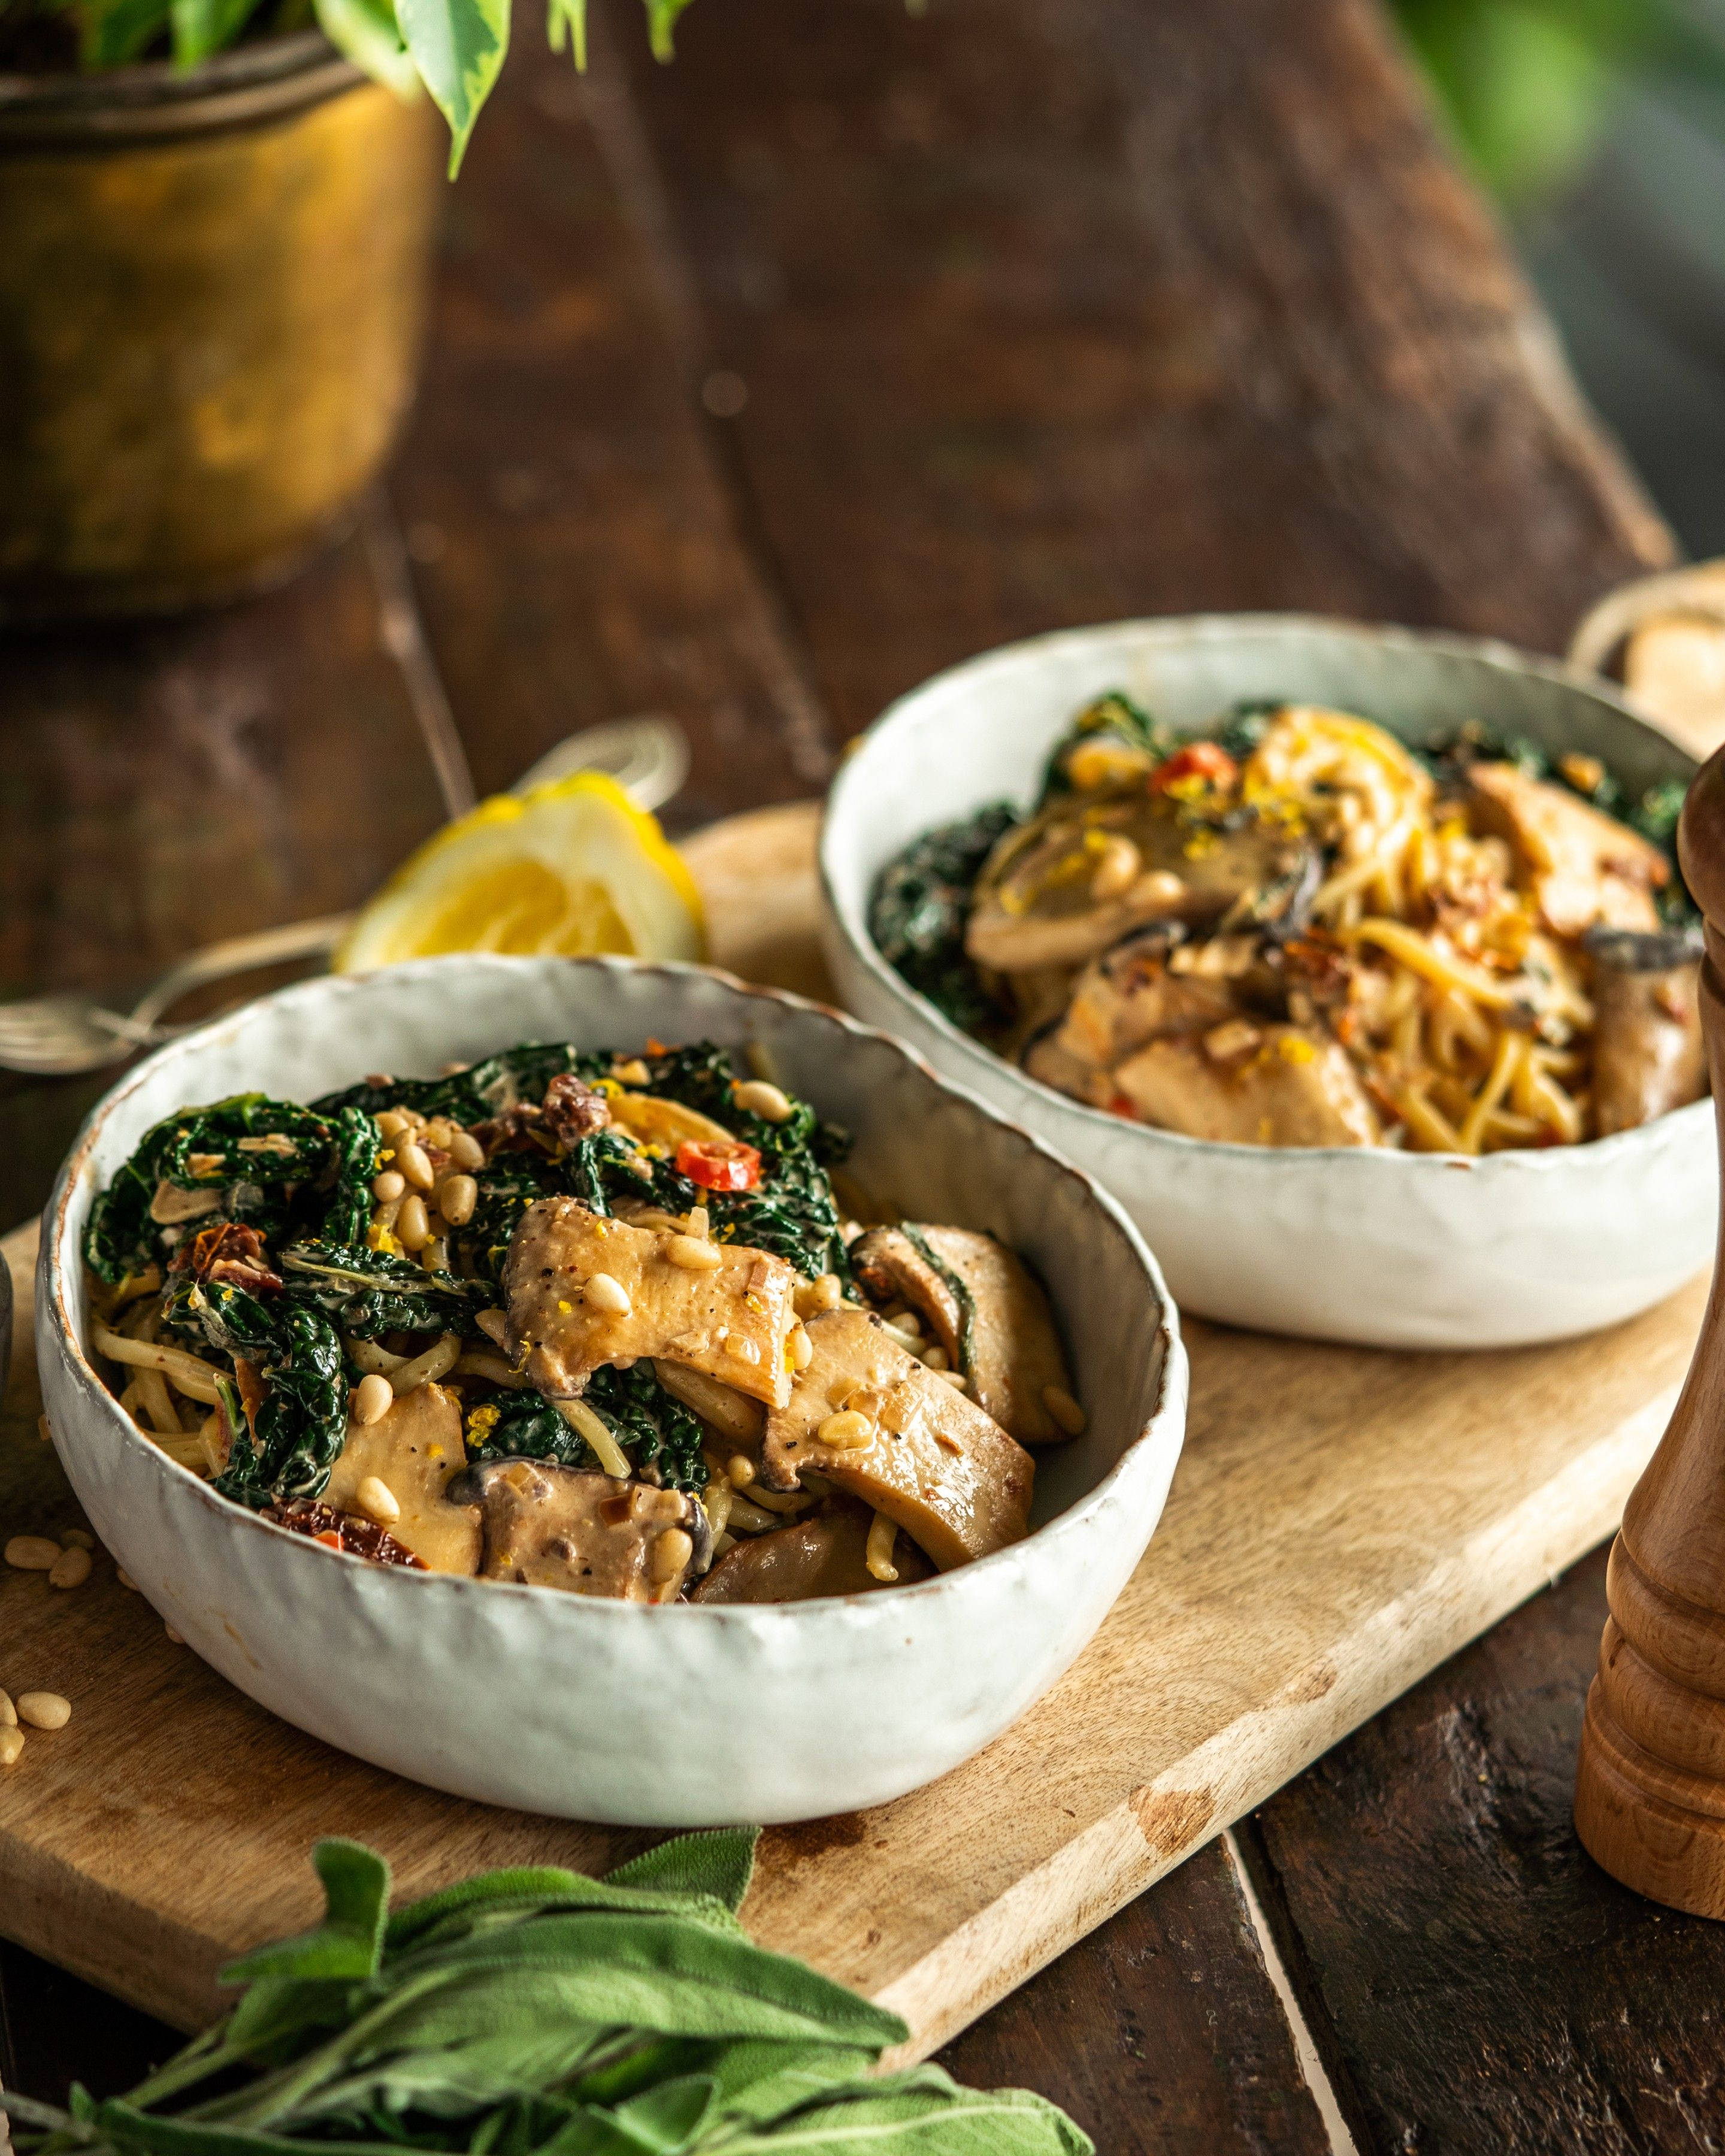 Creamy King Oyster Mushroom Pasta Avant Garde Vegan In 2020 Vegan Pasta Dish Mushroom Recipes Vegan Vegan Pasta